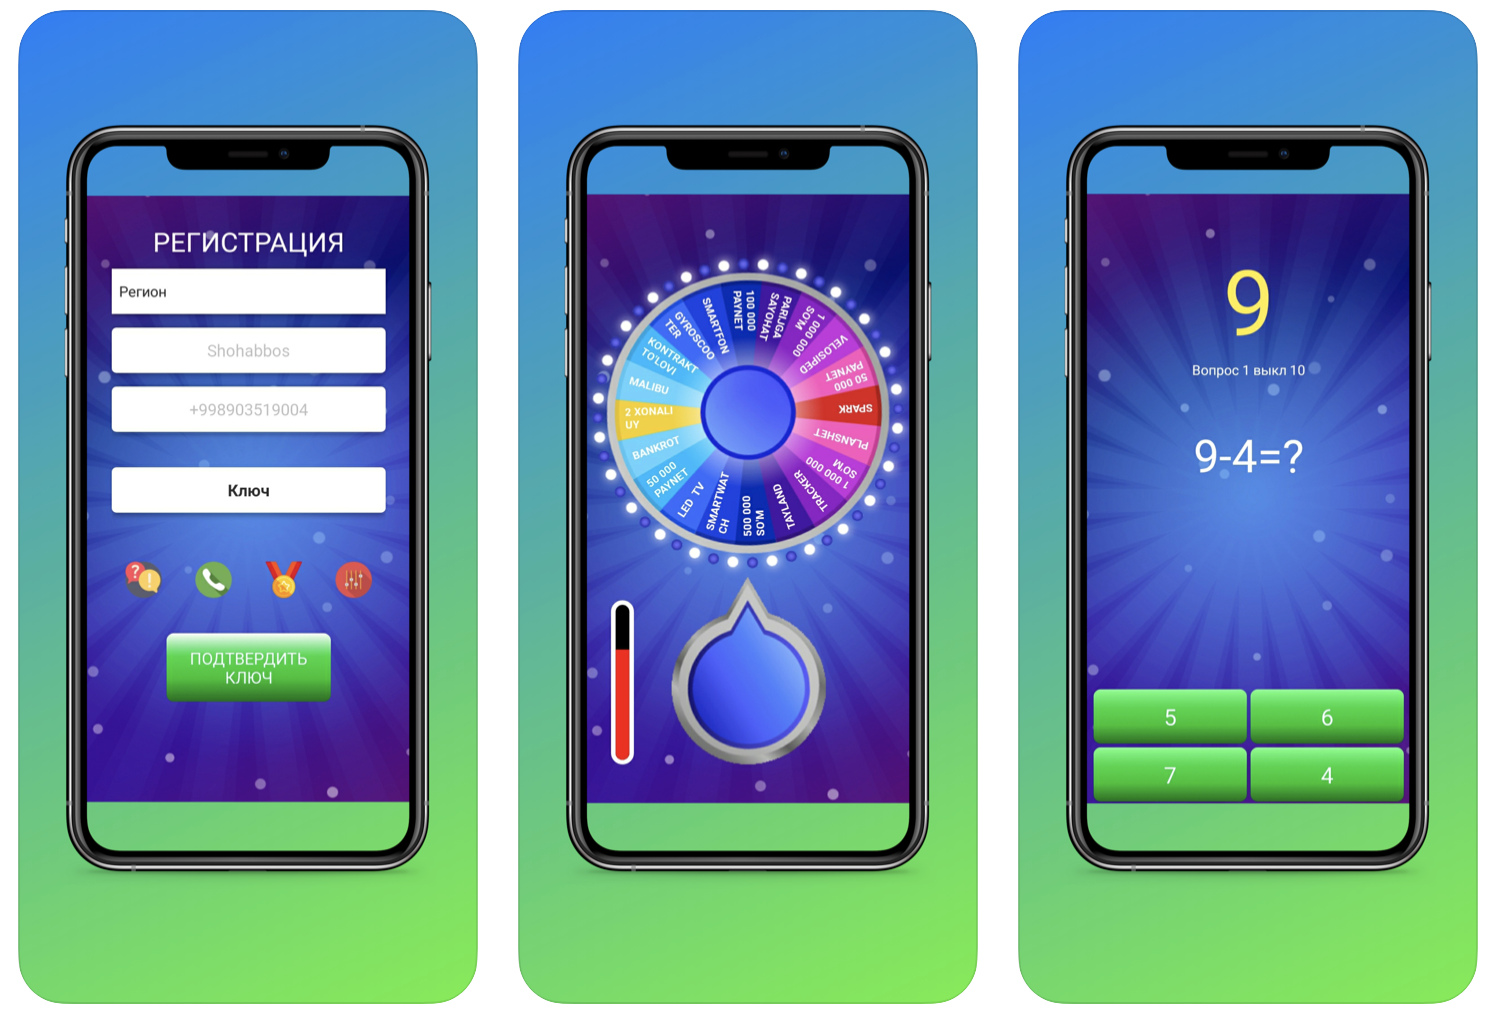 IMPERATOR - Мобильное приложение для проведения розыгрышей призов. (iOS)